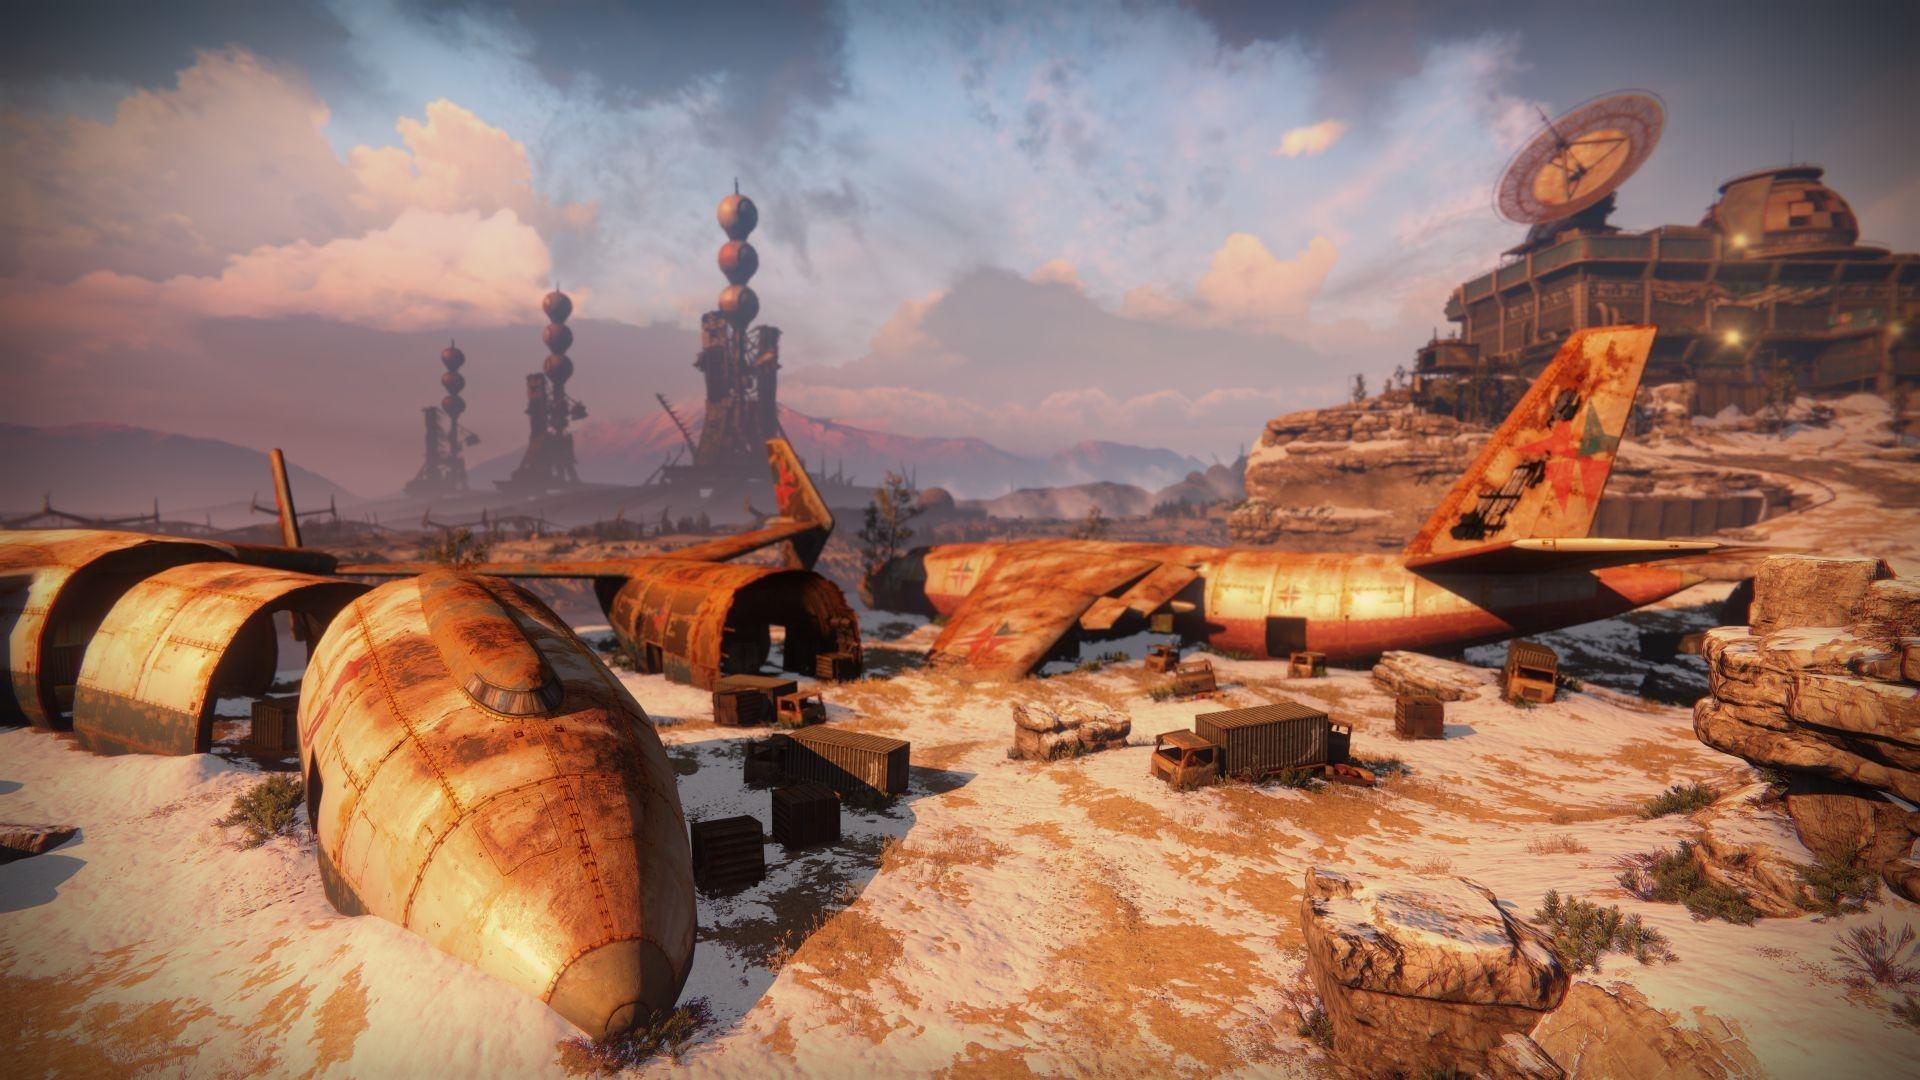 destiny-screenshot-17.jpg